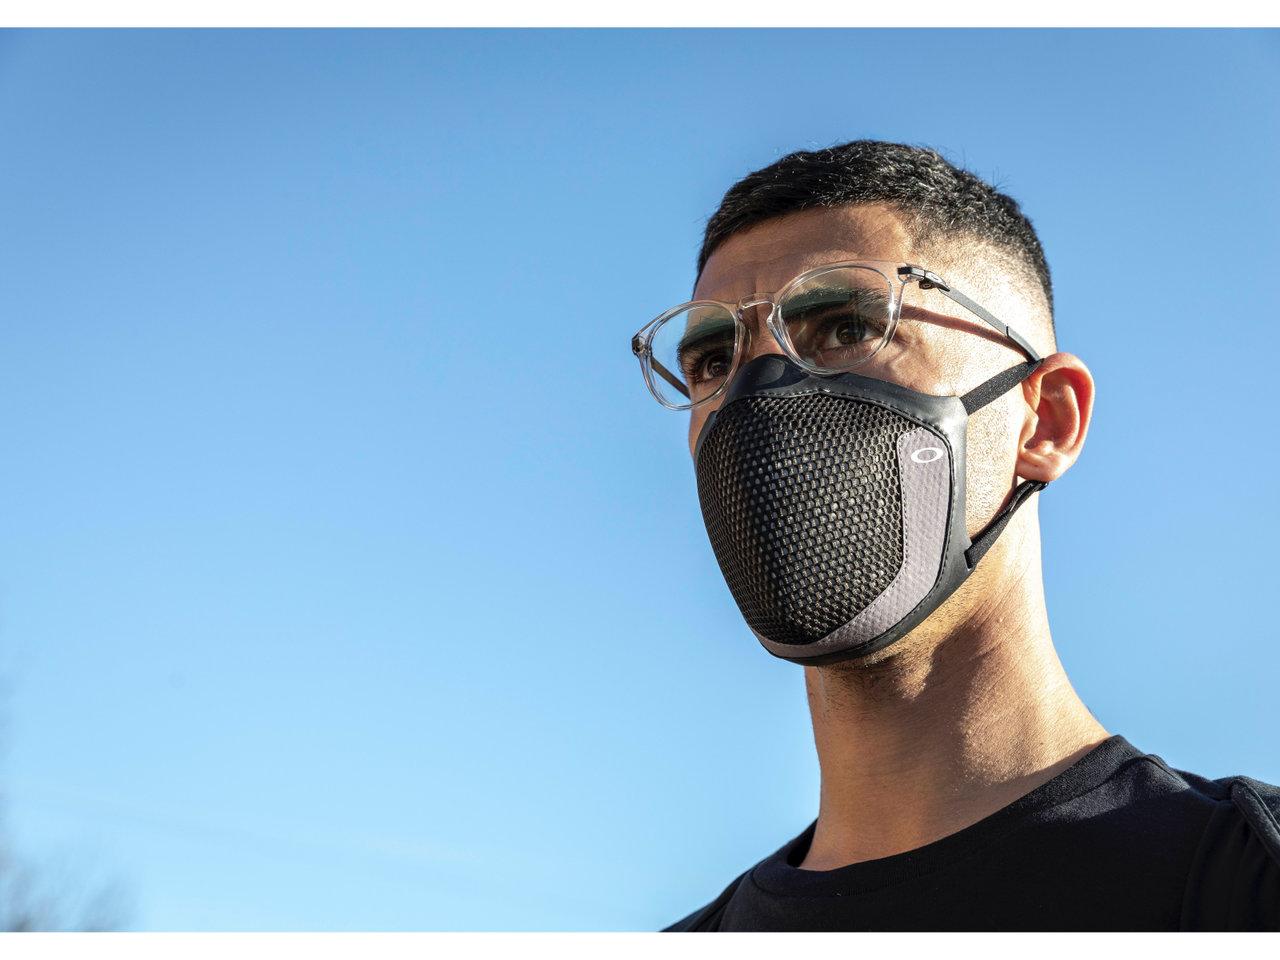 オークリーがアイウェア着用時も顔にぴったりフィットするマスク「MSK3」を発売